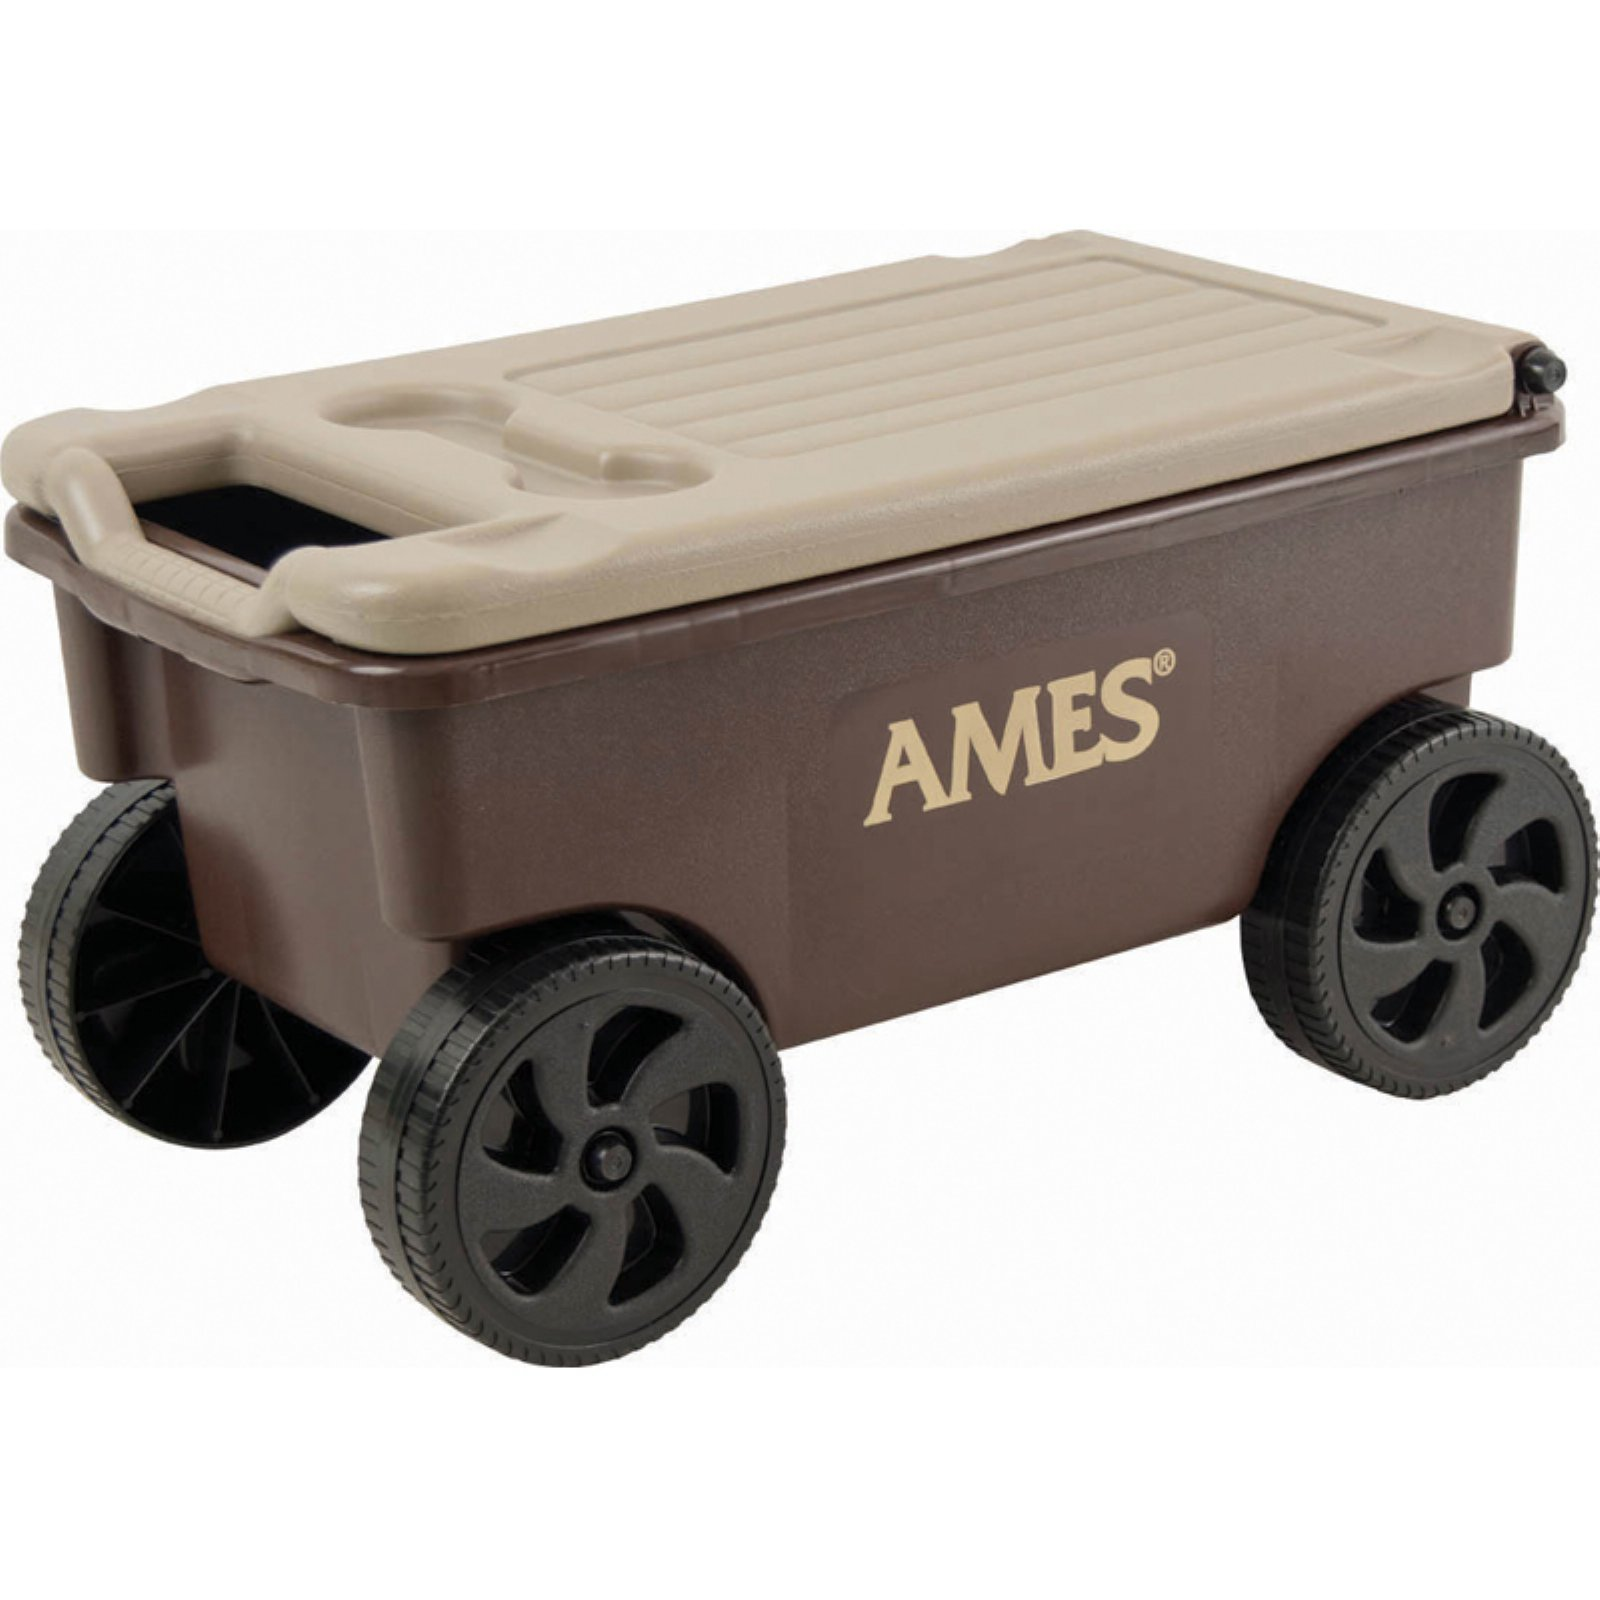 Ames 1123047100 2 cu ft Lawn Buddy